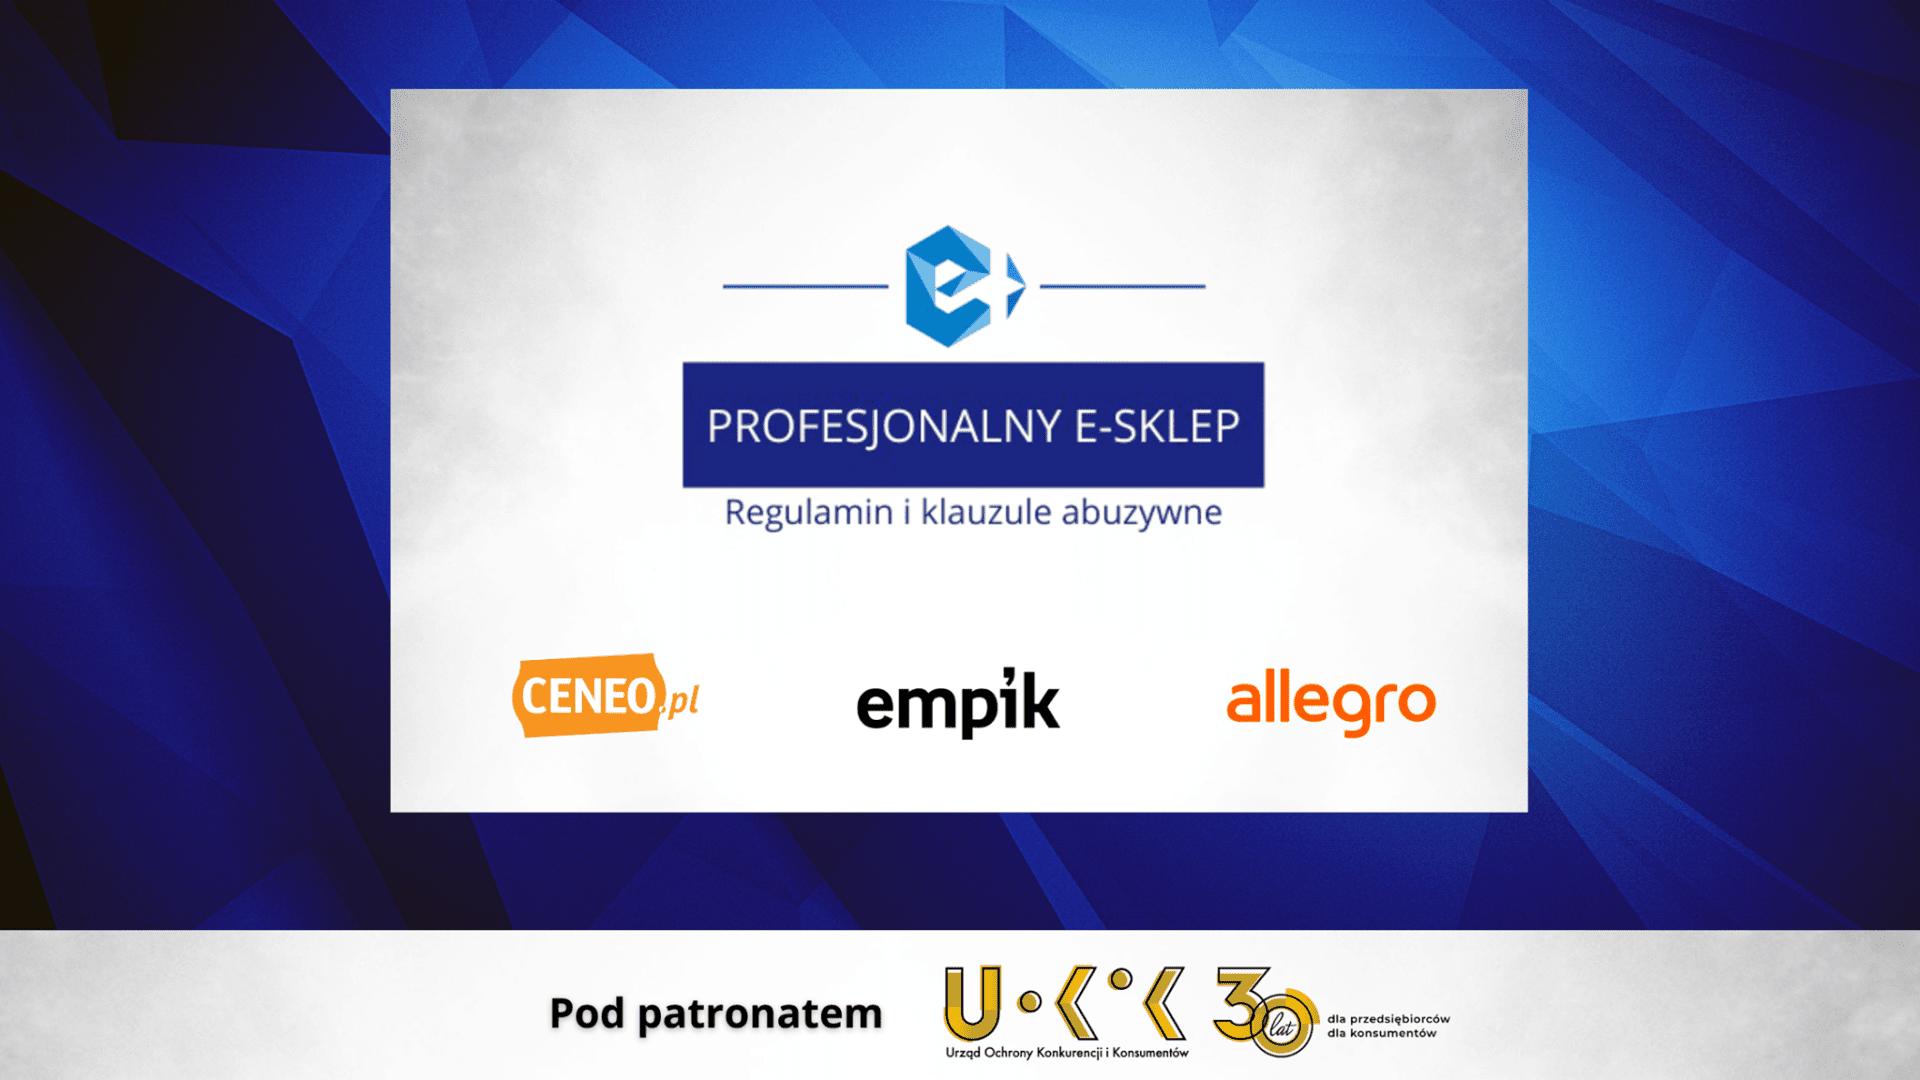 e-Izba edukuje: Profesjonalny e-sklep. Regulamin i klauzule abuzywne